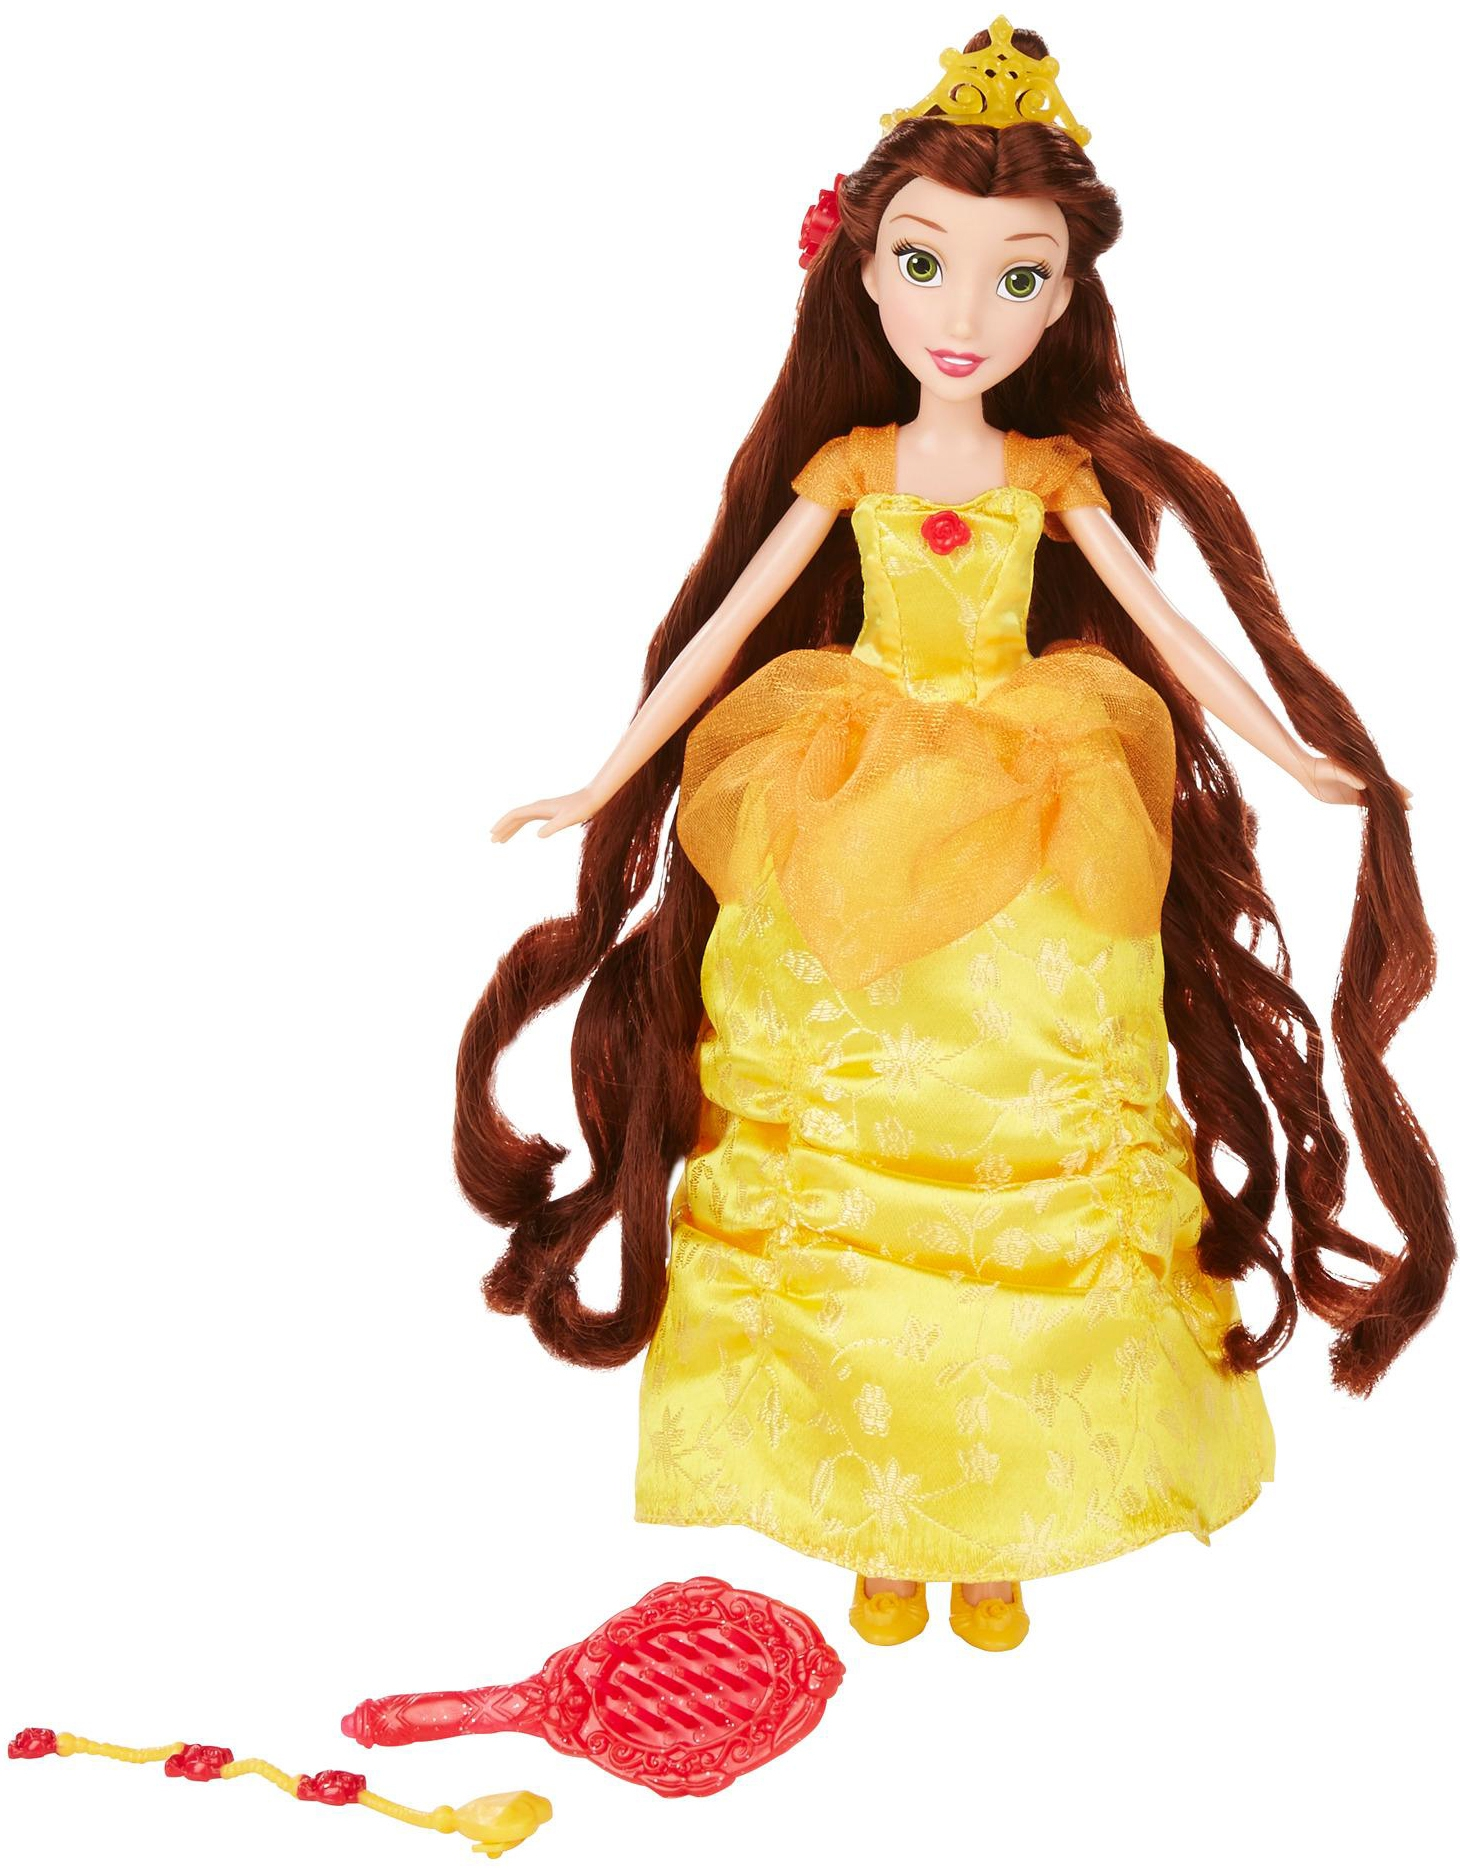 Disney Princess Disney Princess Принцесса с длинными локонами наушники disney princess